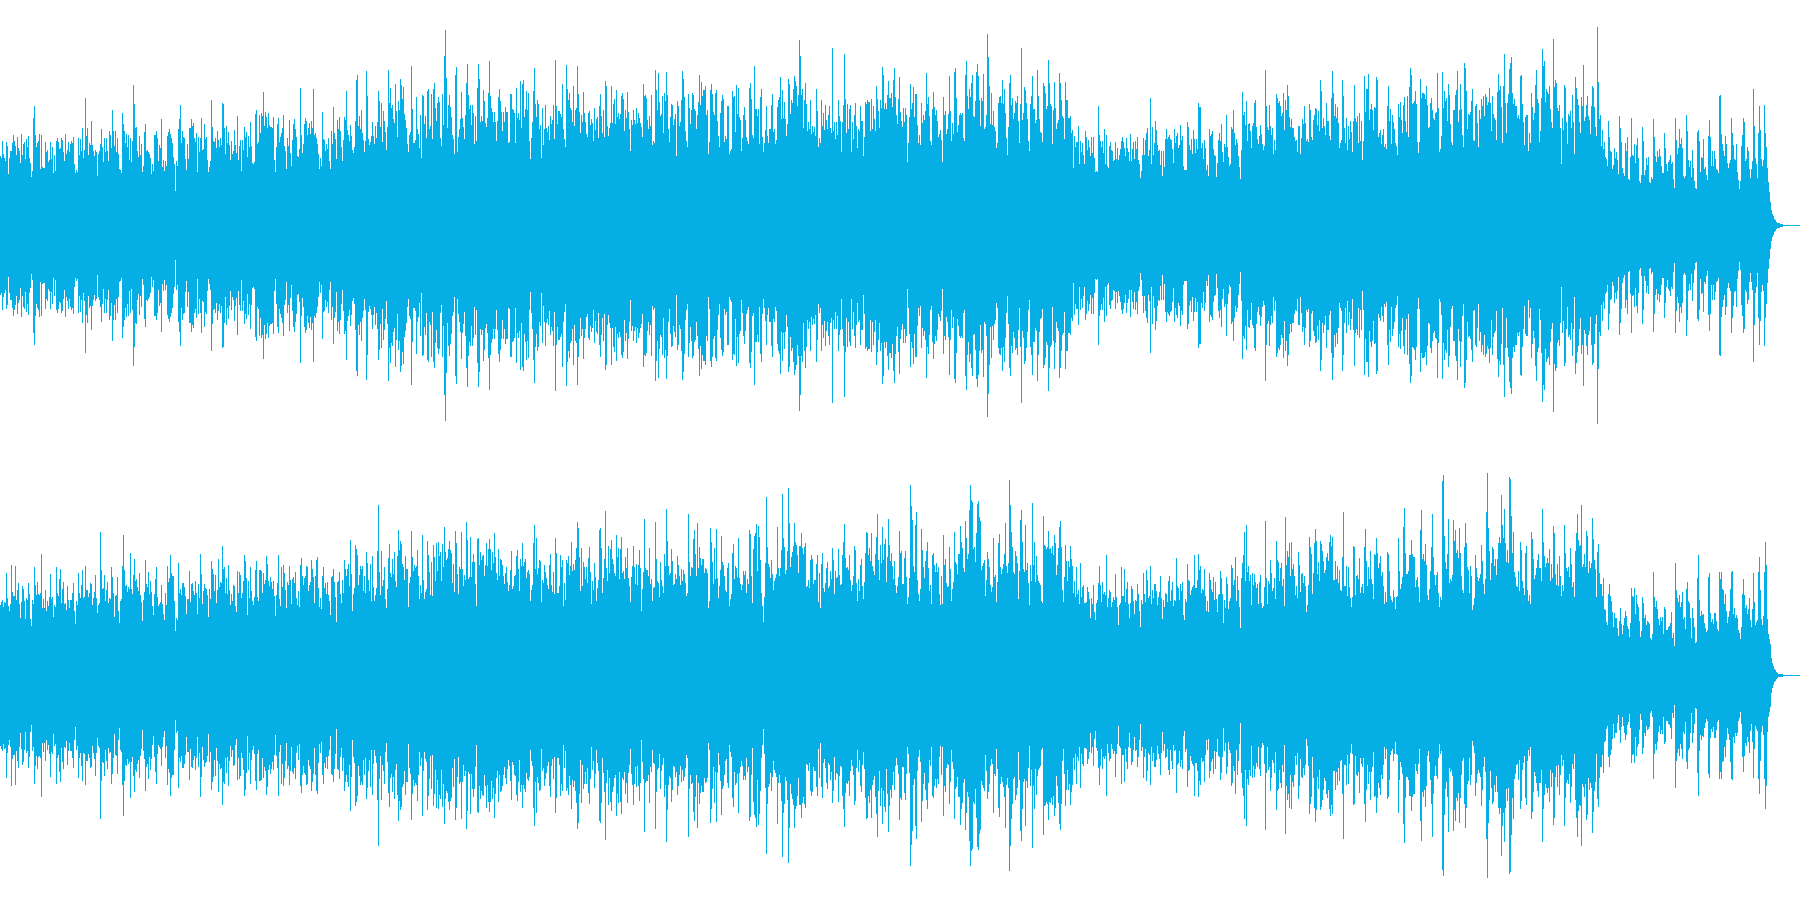 ケルト風ポップオーケストラ:打楽器なしの再生済みの波形